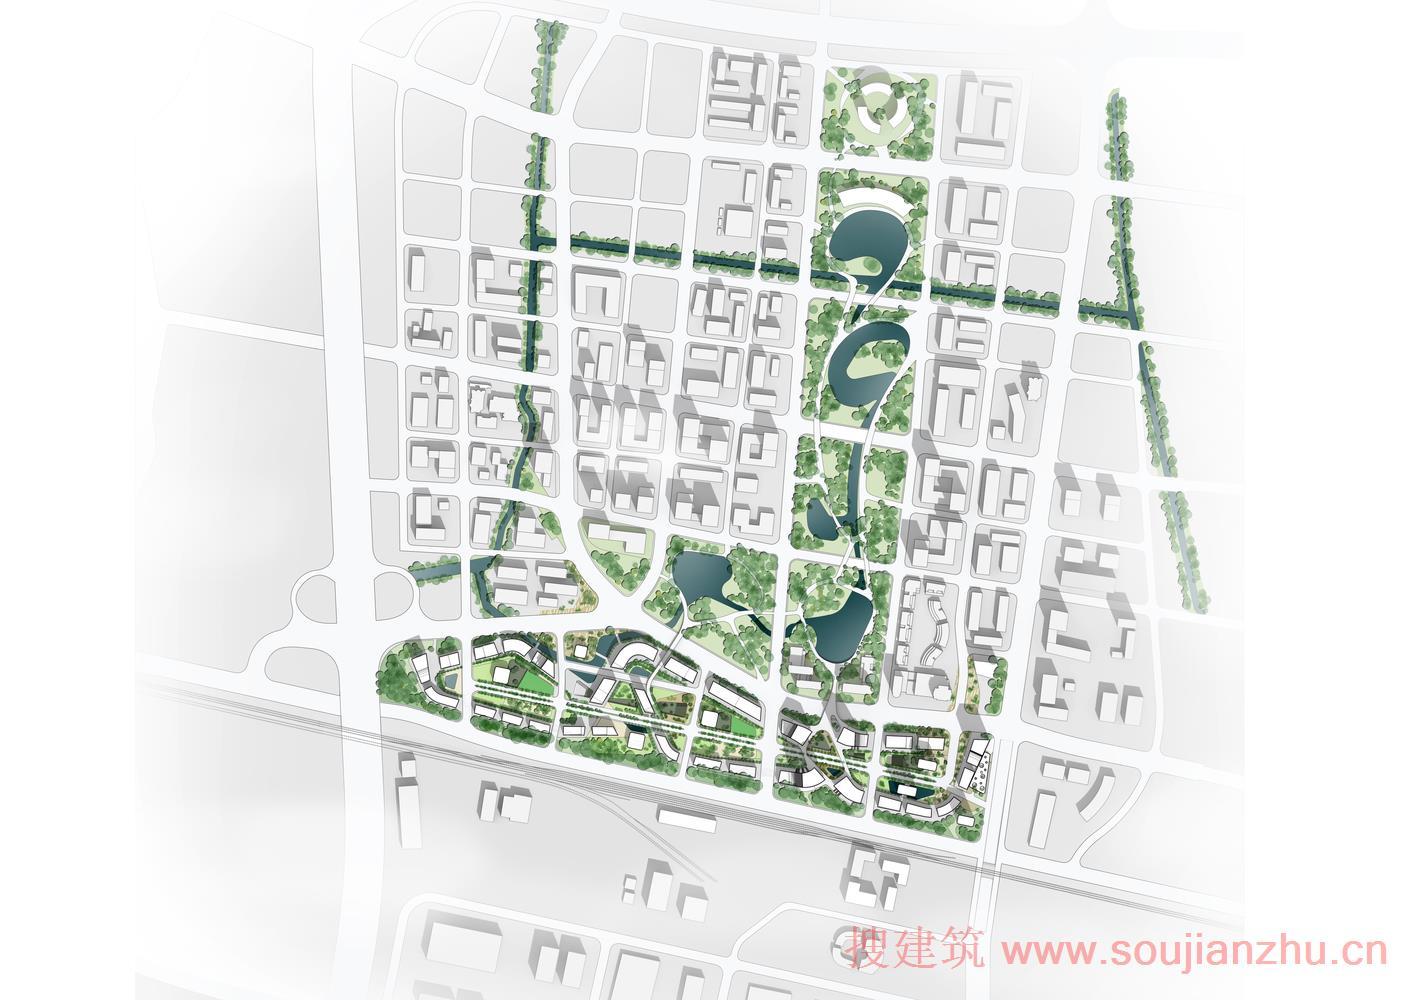 科技建筑设计图尺寸1440